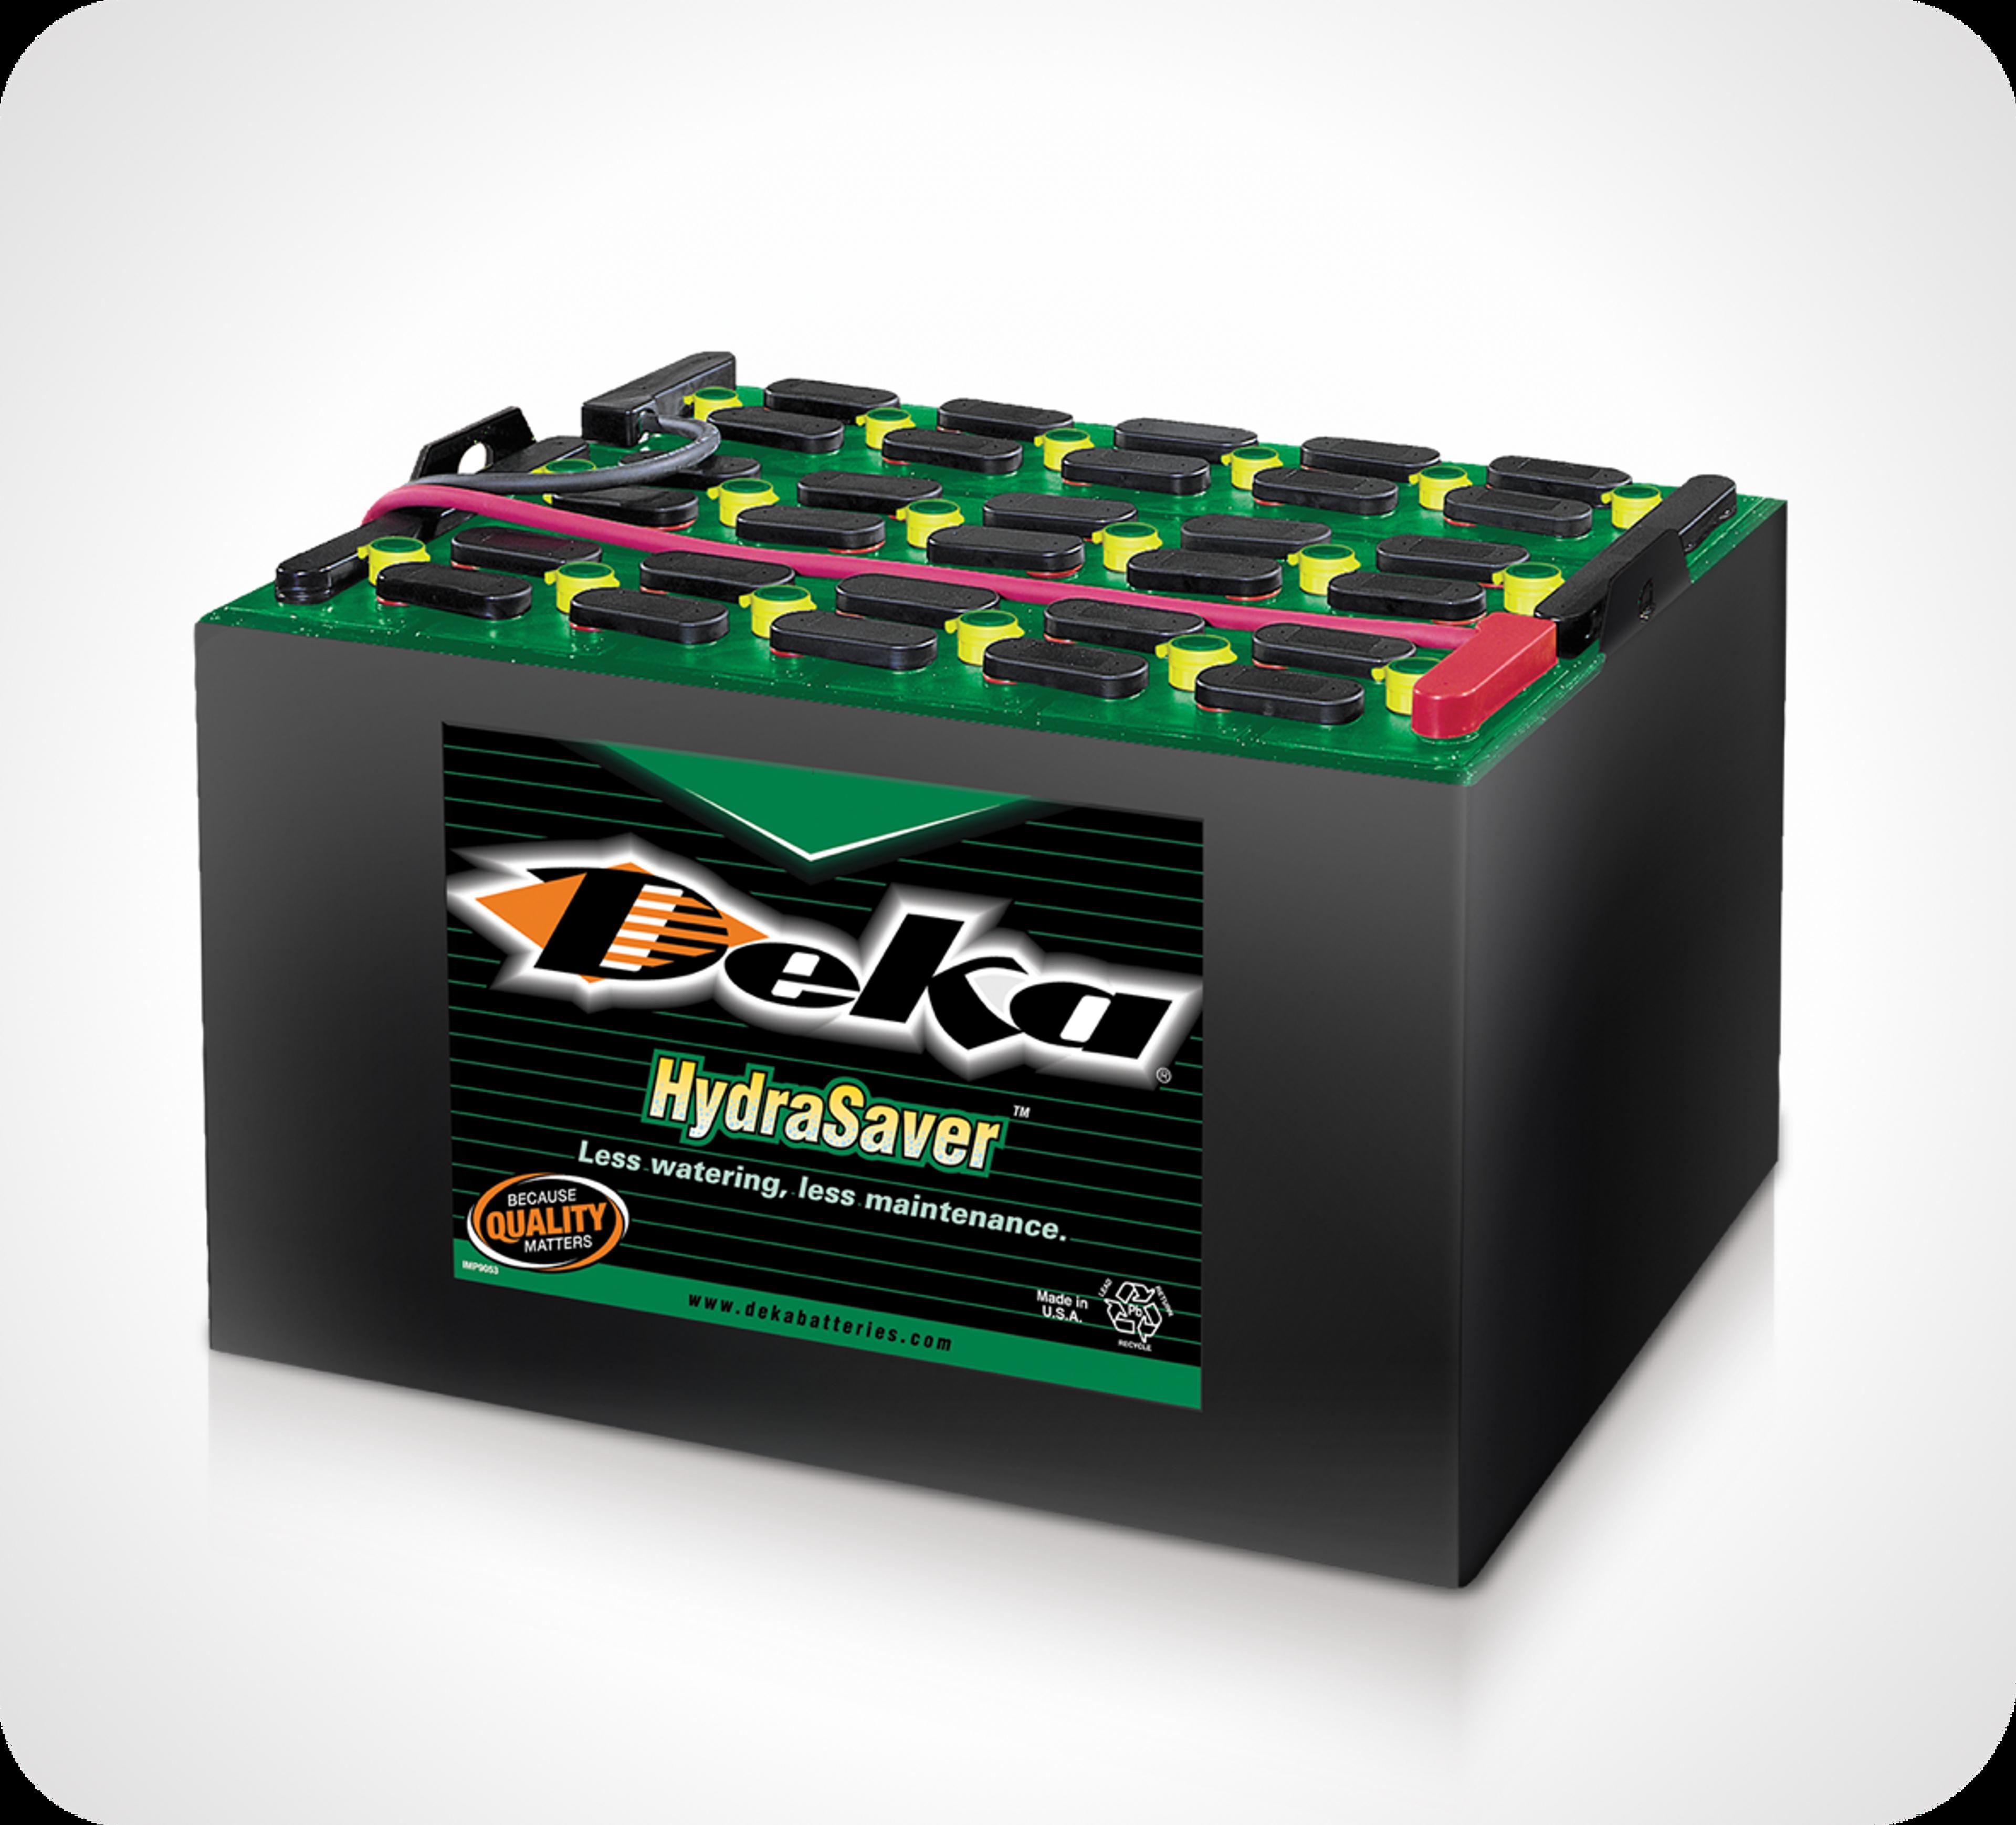 Photo de batteries supérieures de manutention Deka HydraSaver de marque East Penn